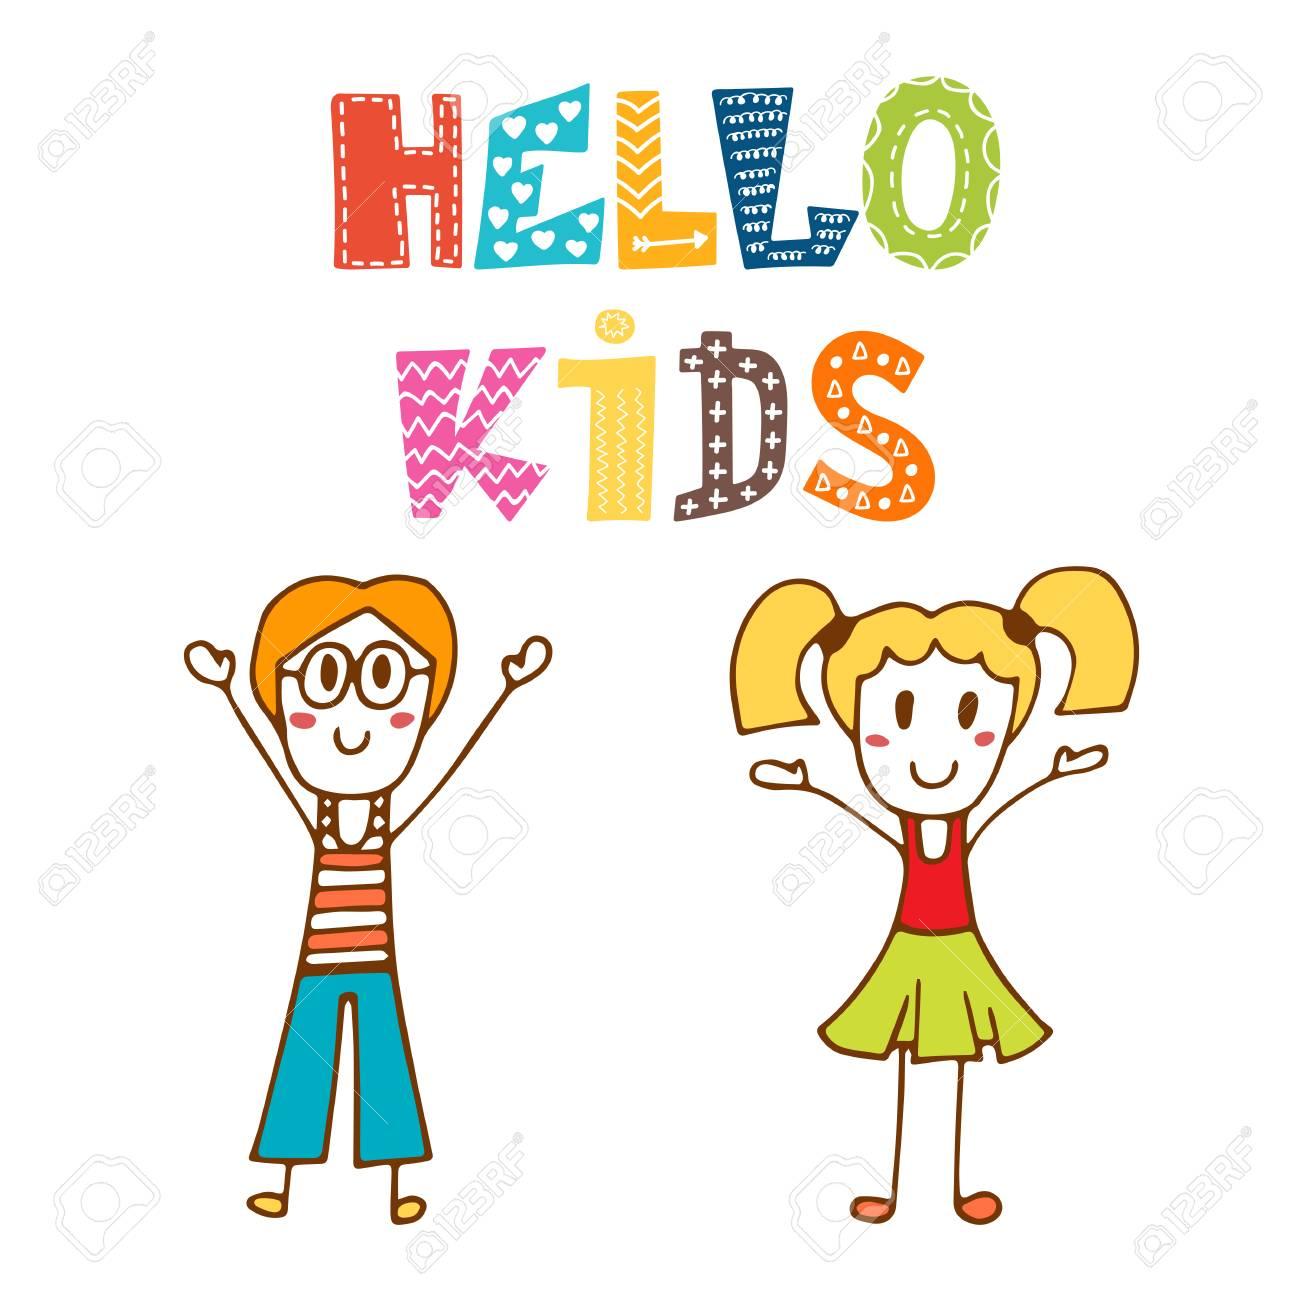 Hermosa Hola Niños Dibujando Bandera - Dibujos Para Colorear En ...